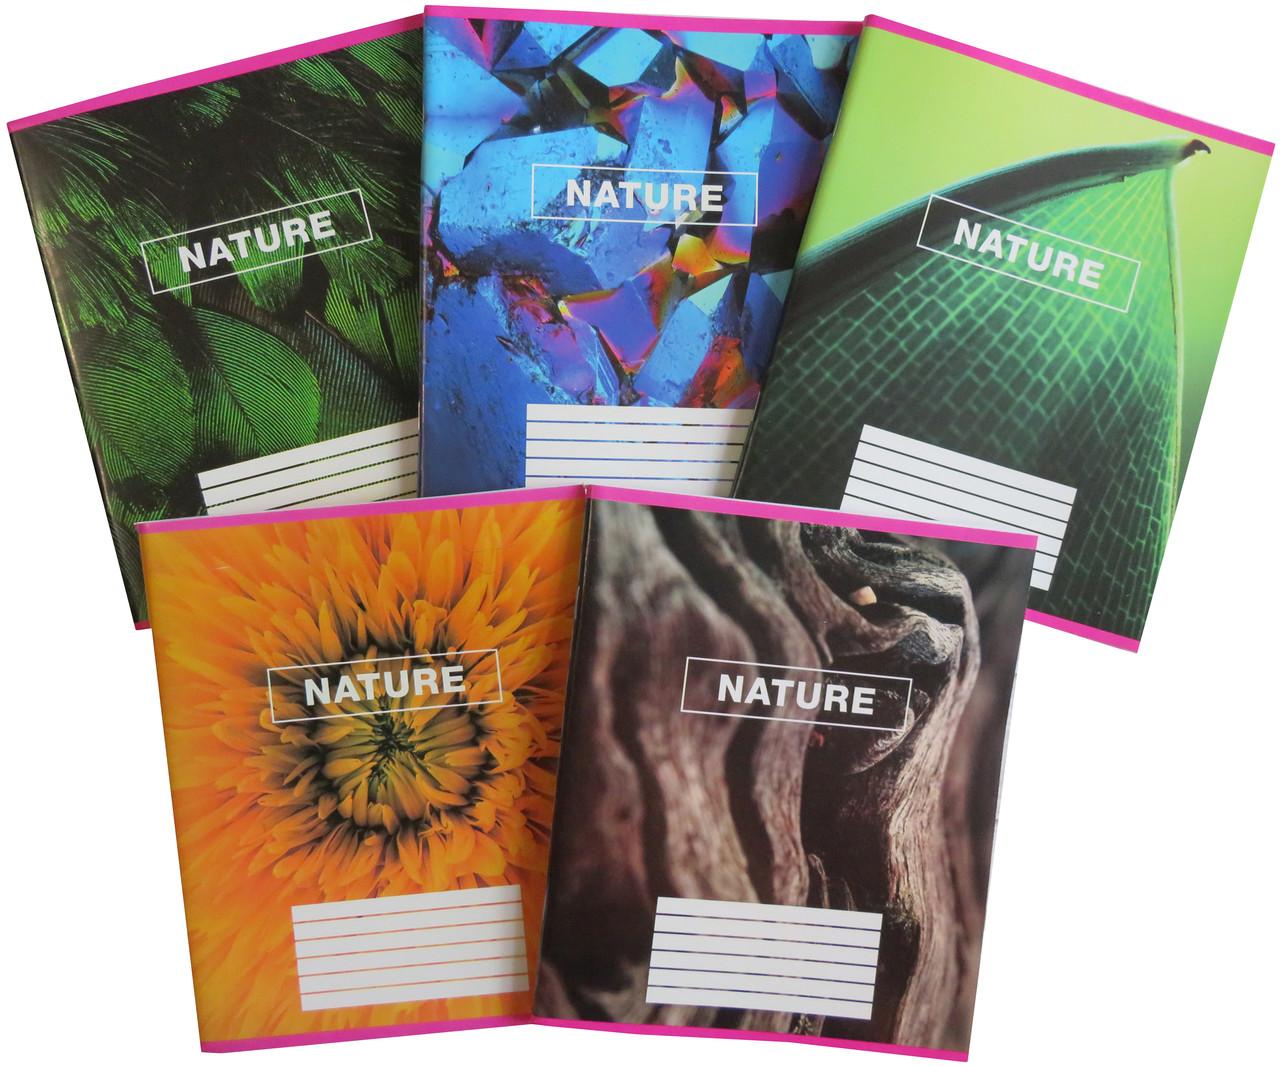 Тетрадь школьная в клеточку 96 листов Лидер, цвета природы